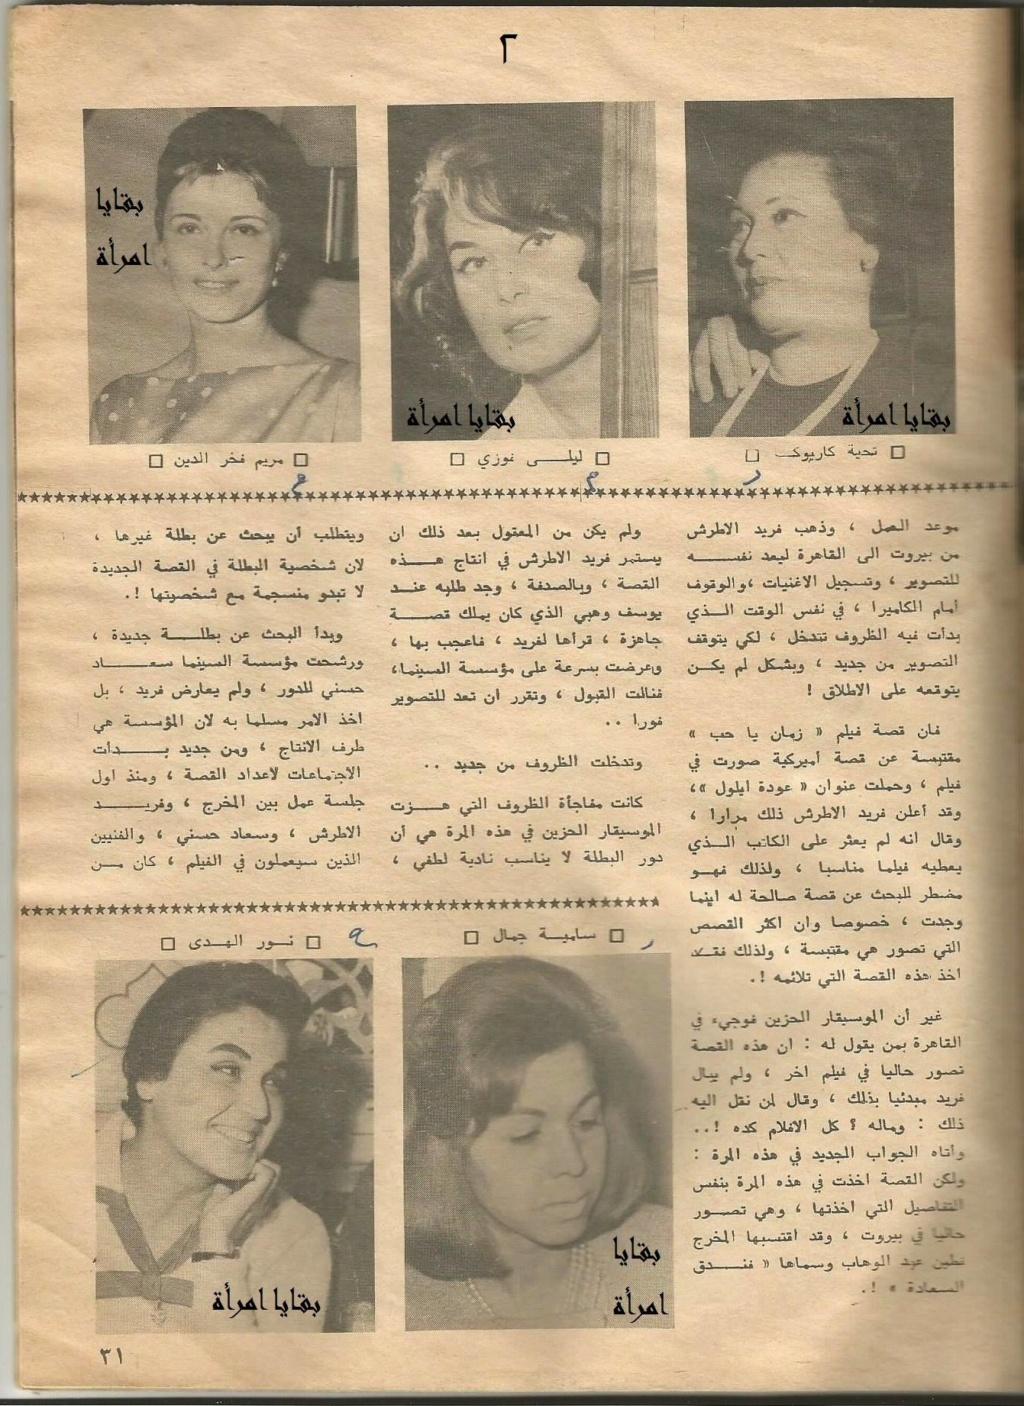 مقال صحفي : من تكون حولييت رقم 30 التي سيحبها فريد الأطرش ؟ 1971 م 2214